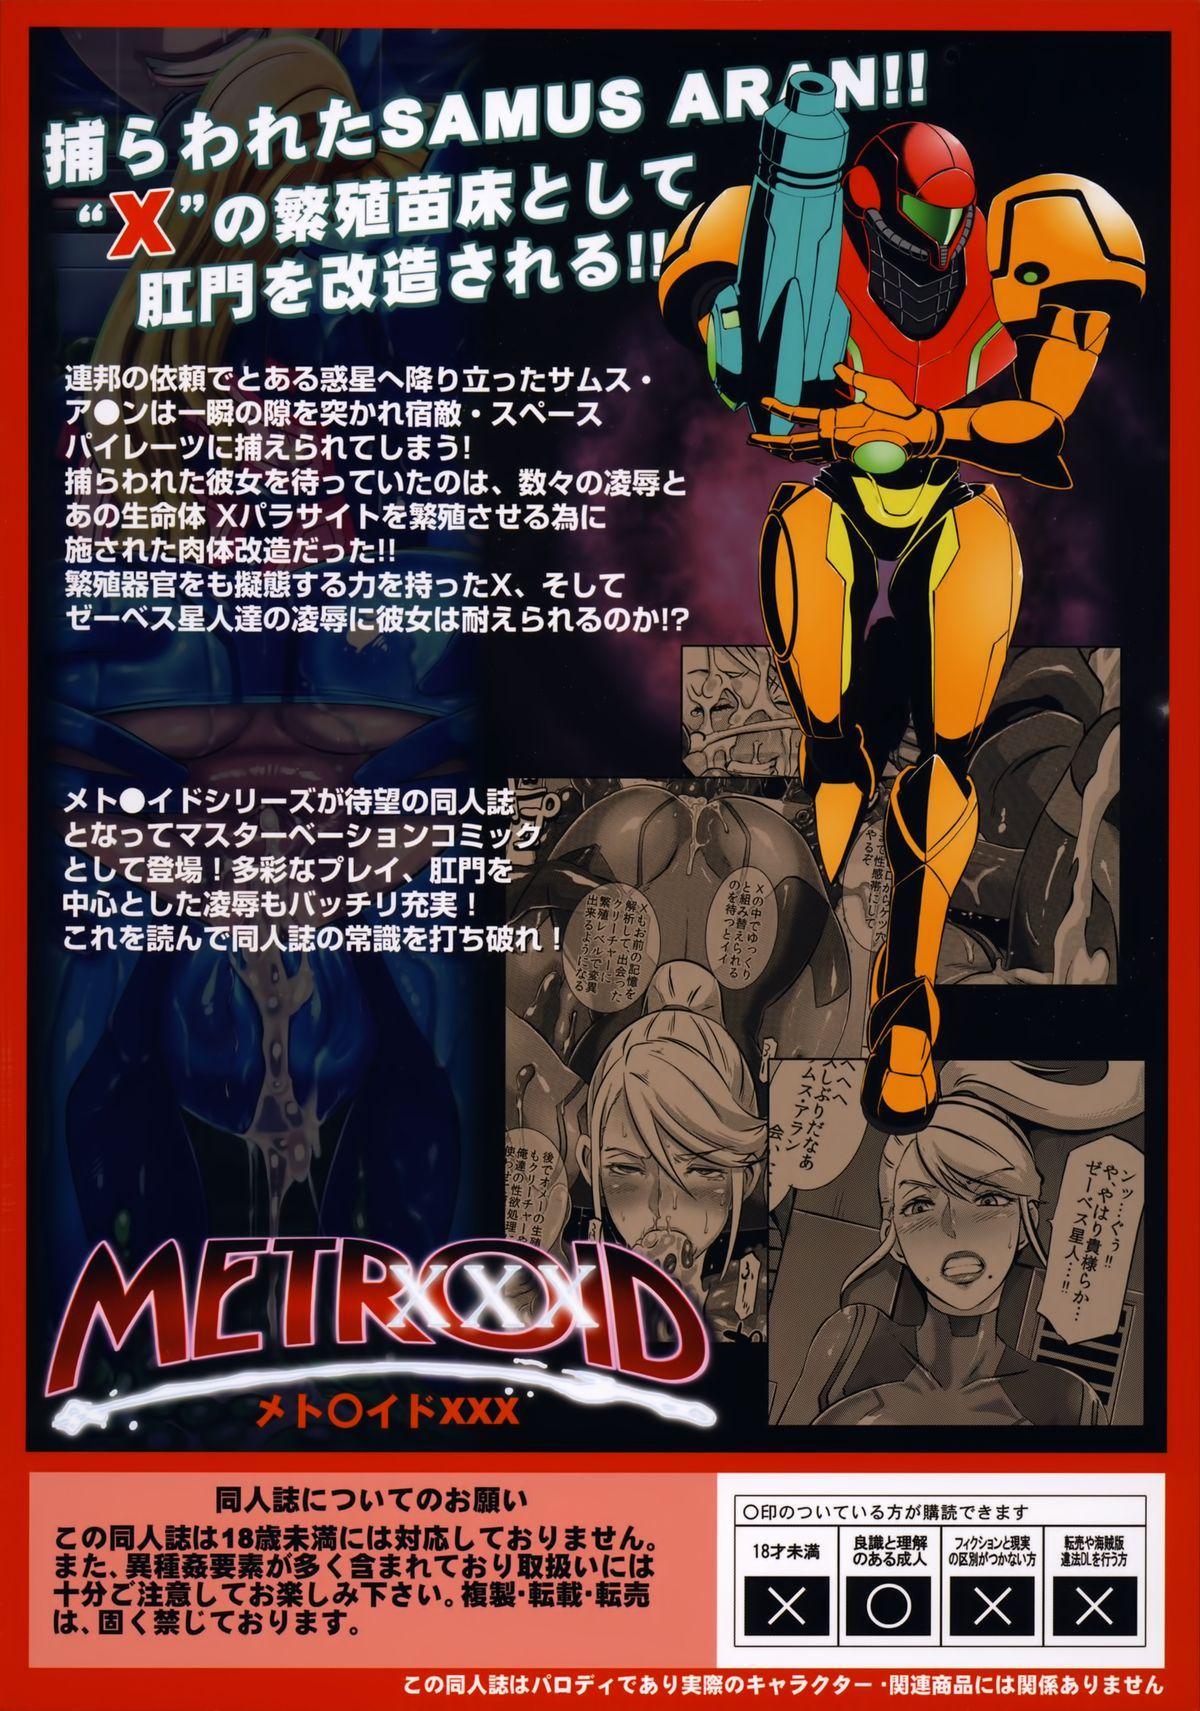 Metroid XXX 42